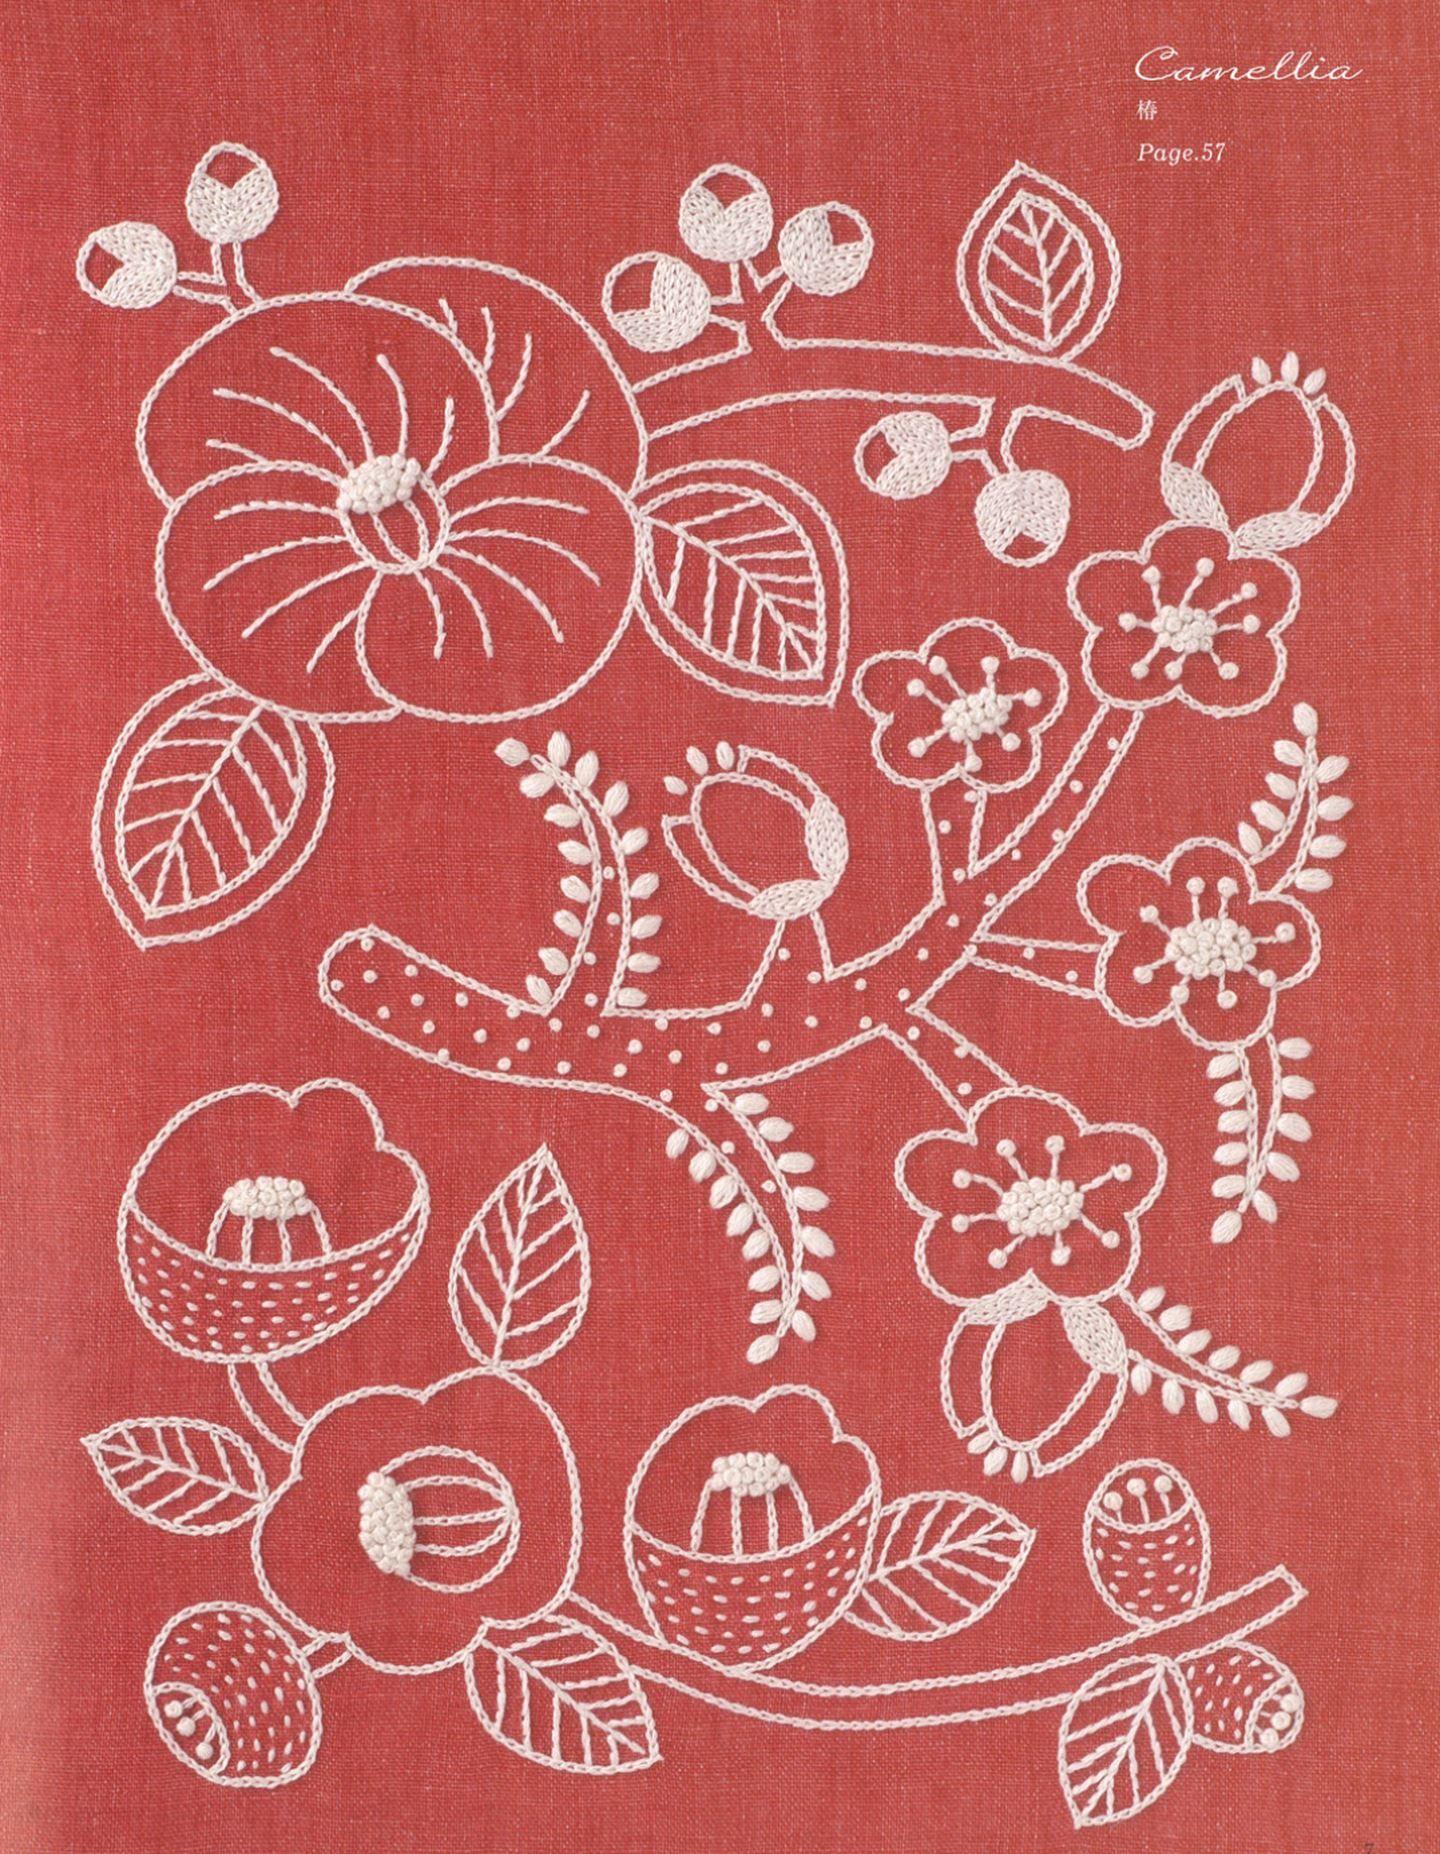 樋口愉美子のステッチか月 Вышивка pinterest embroidery